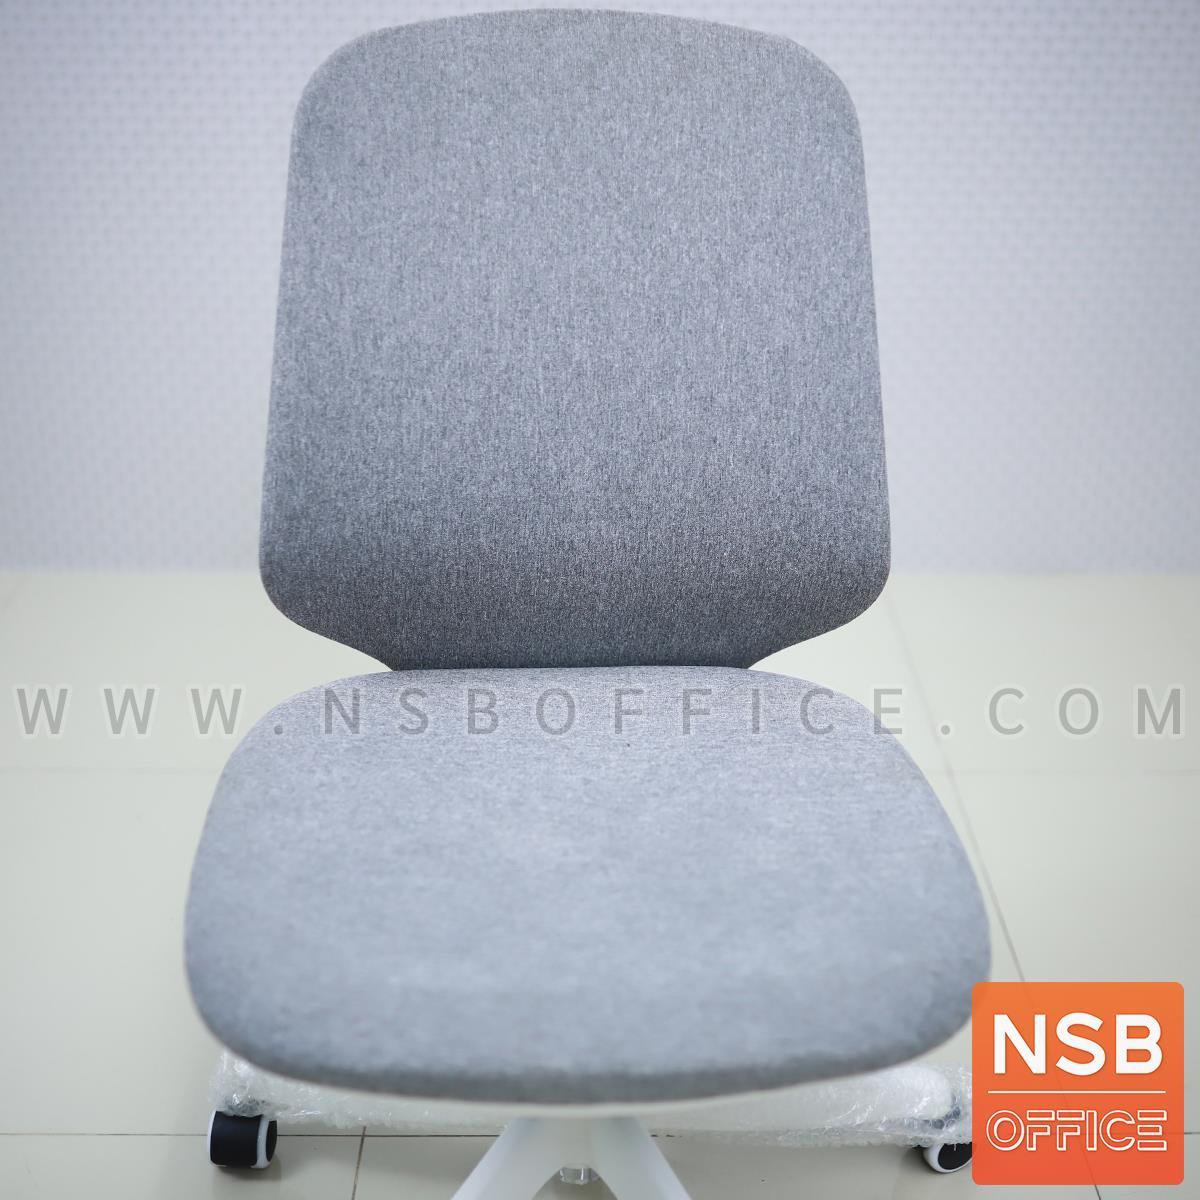 เก้าอี้สำนักงาน รุ่น Olympe (โอแล็มป์)  ไม่มีท้าวแขน ขาพลาสติก